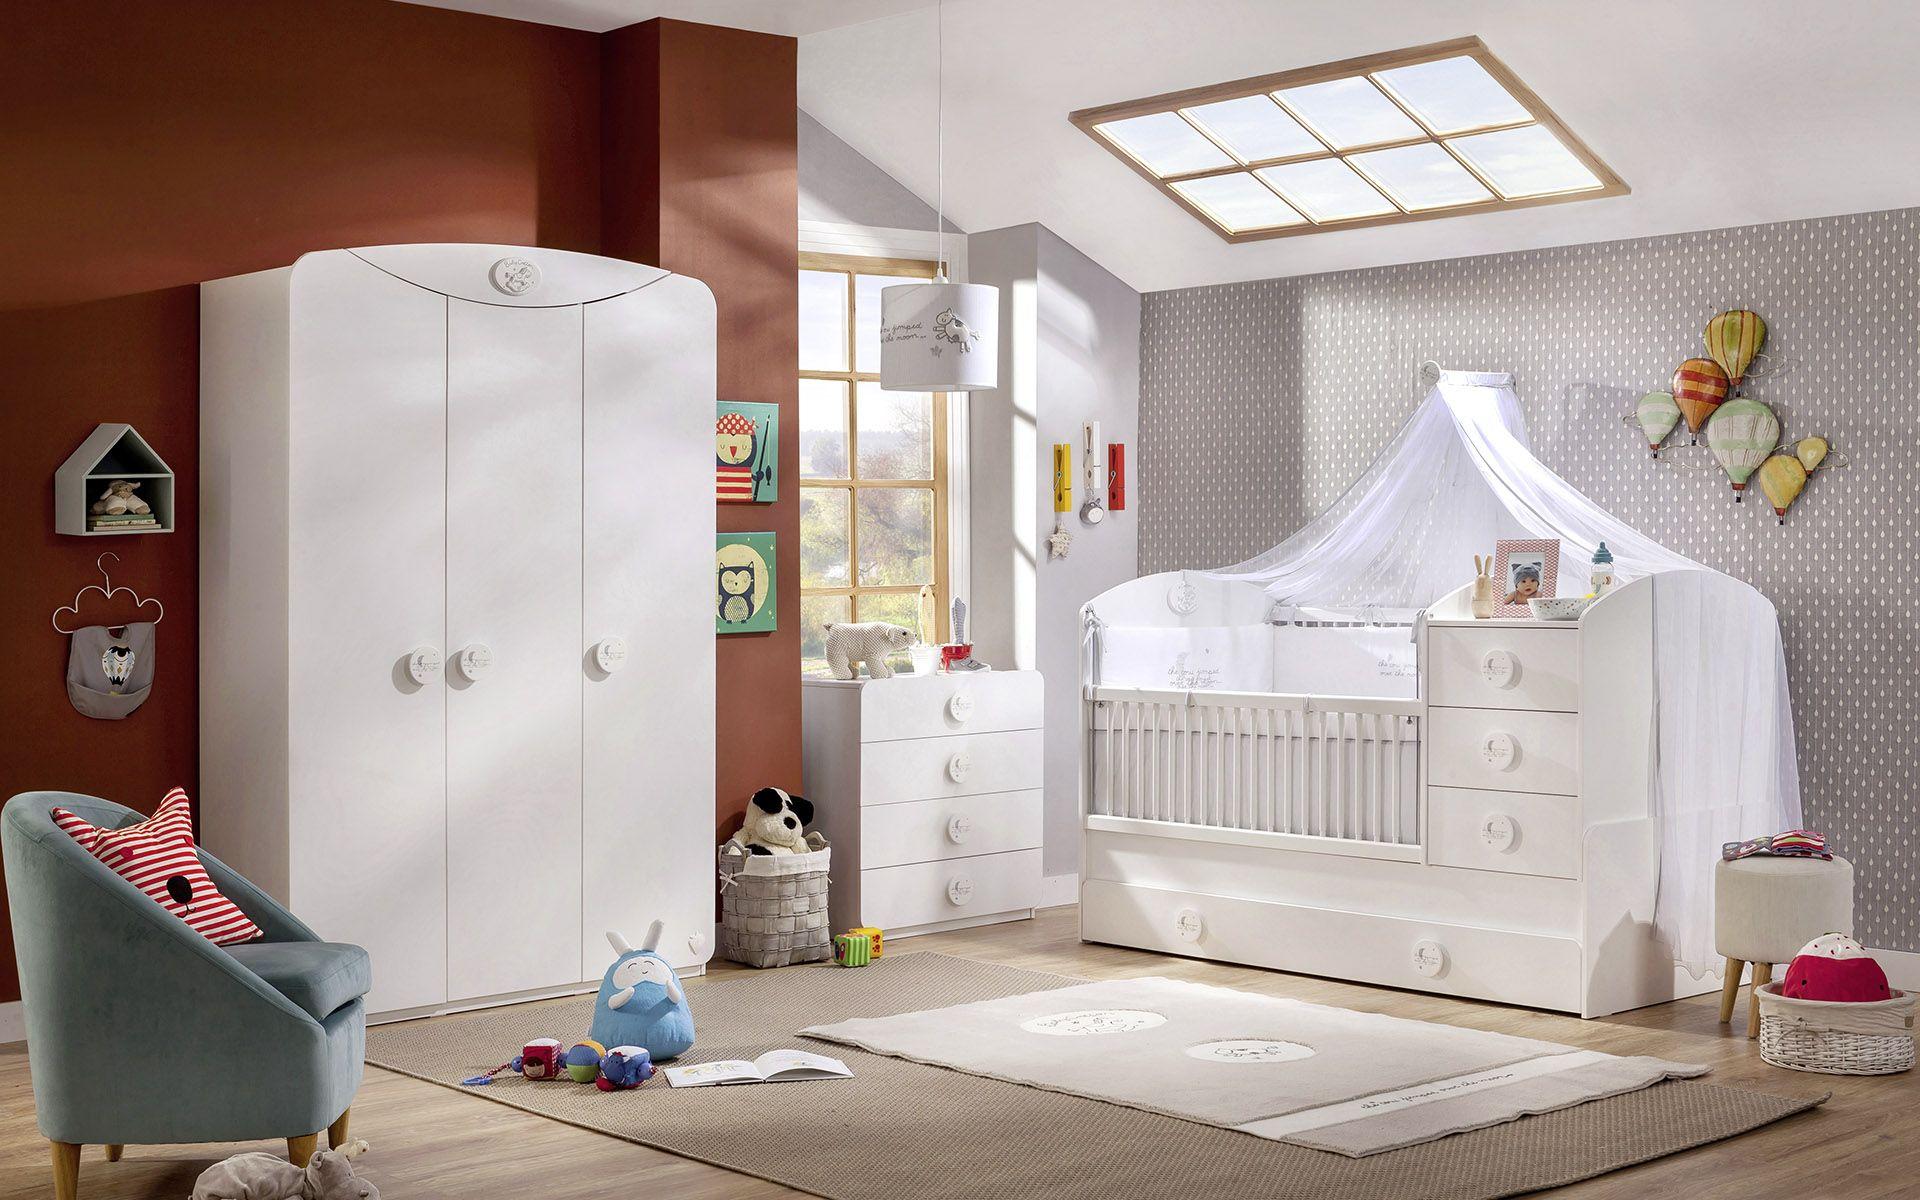 CHAMBRE BABY COTTON 1 – lit barreau – armoire – fauteuil – Cilek